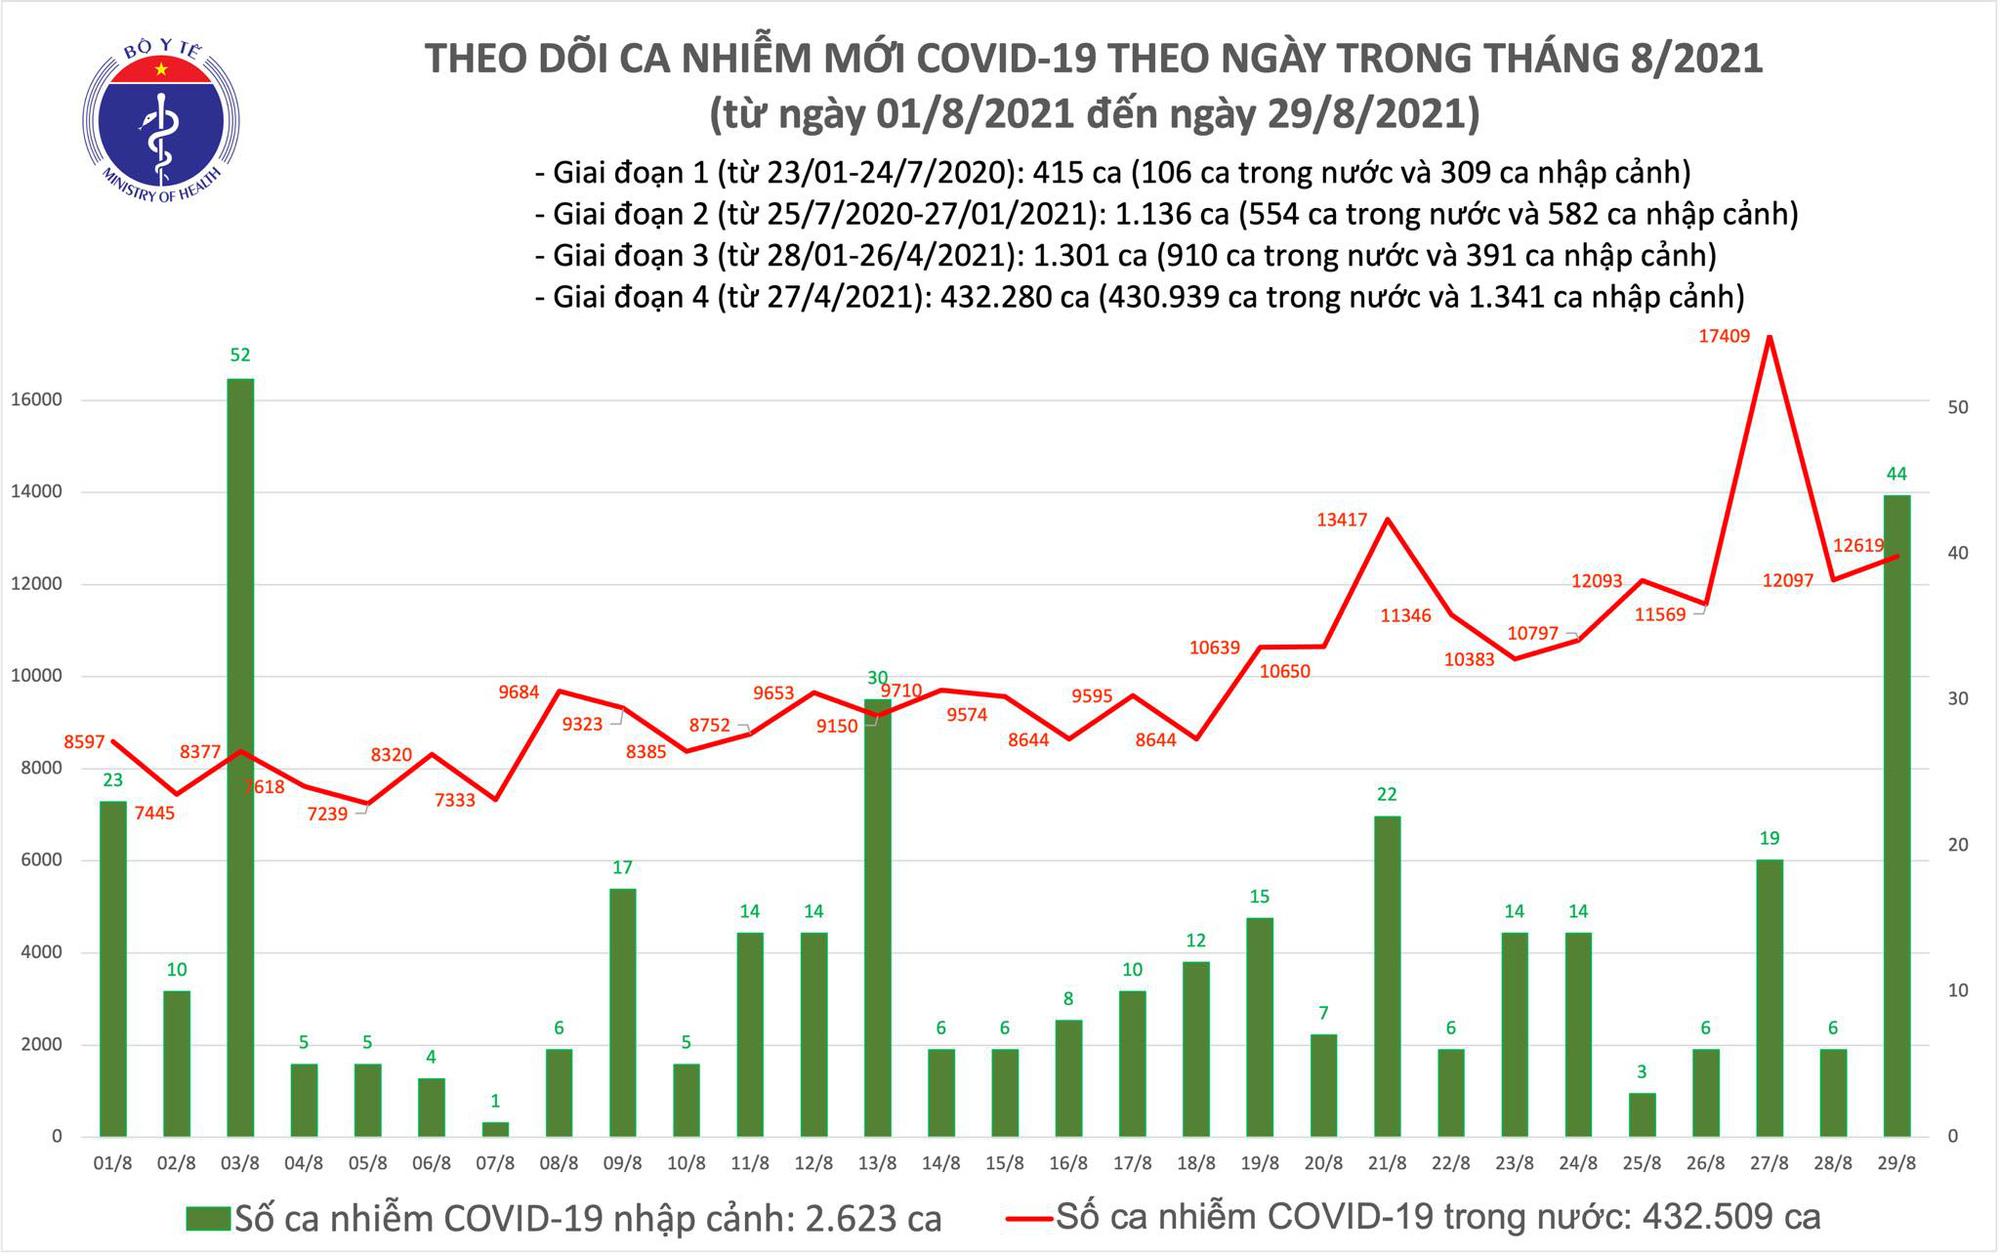 Tối 29/8: Thêm 12.663 ca mắc COVID-19, Bình Dương nhiều nhất với 5.414 ca - Ảnh 1.